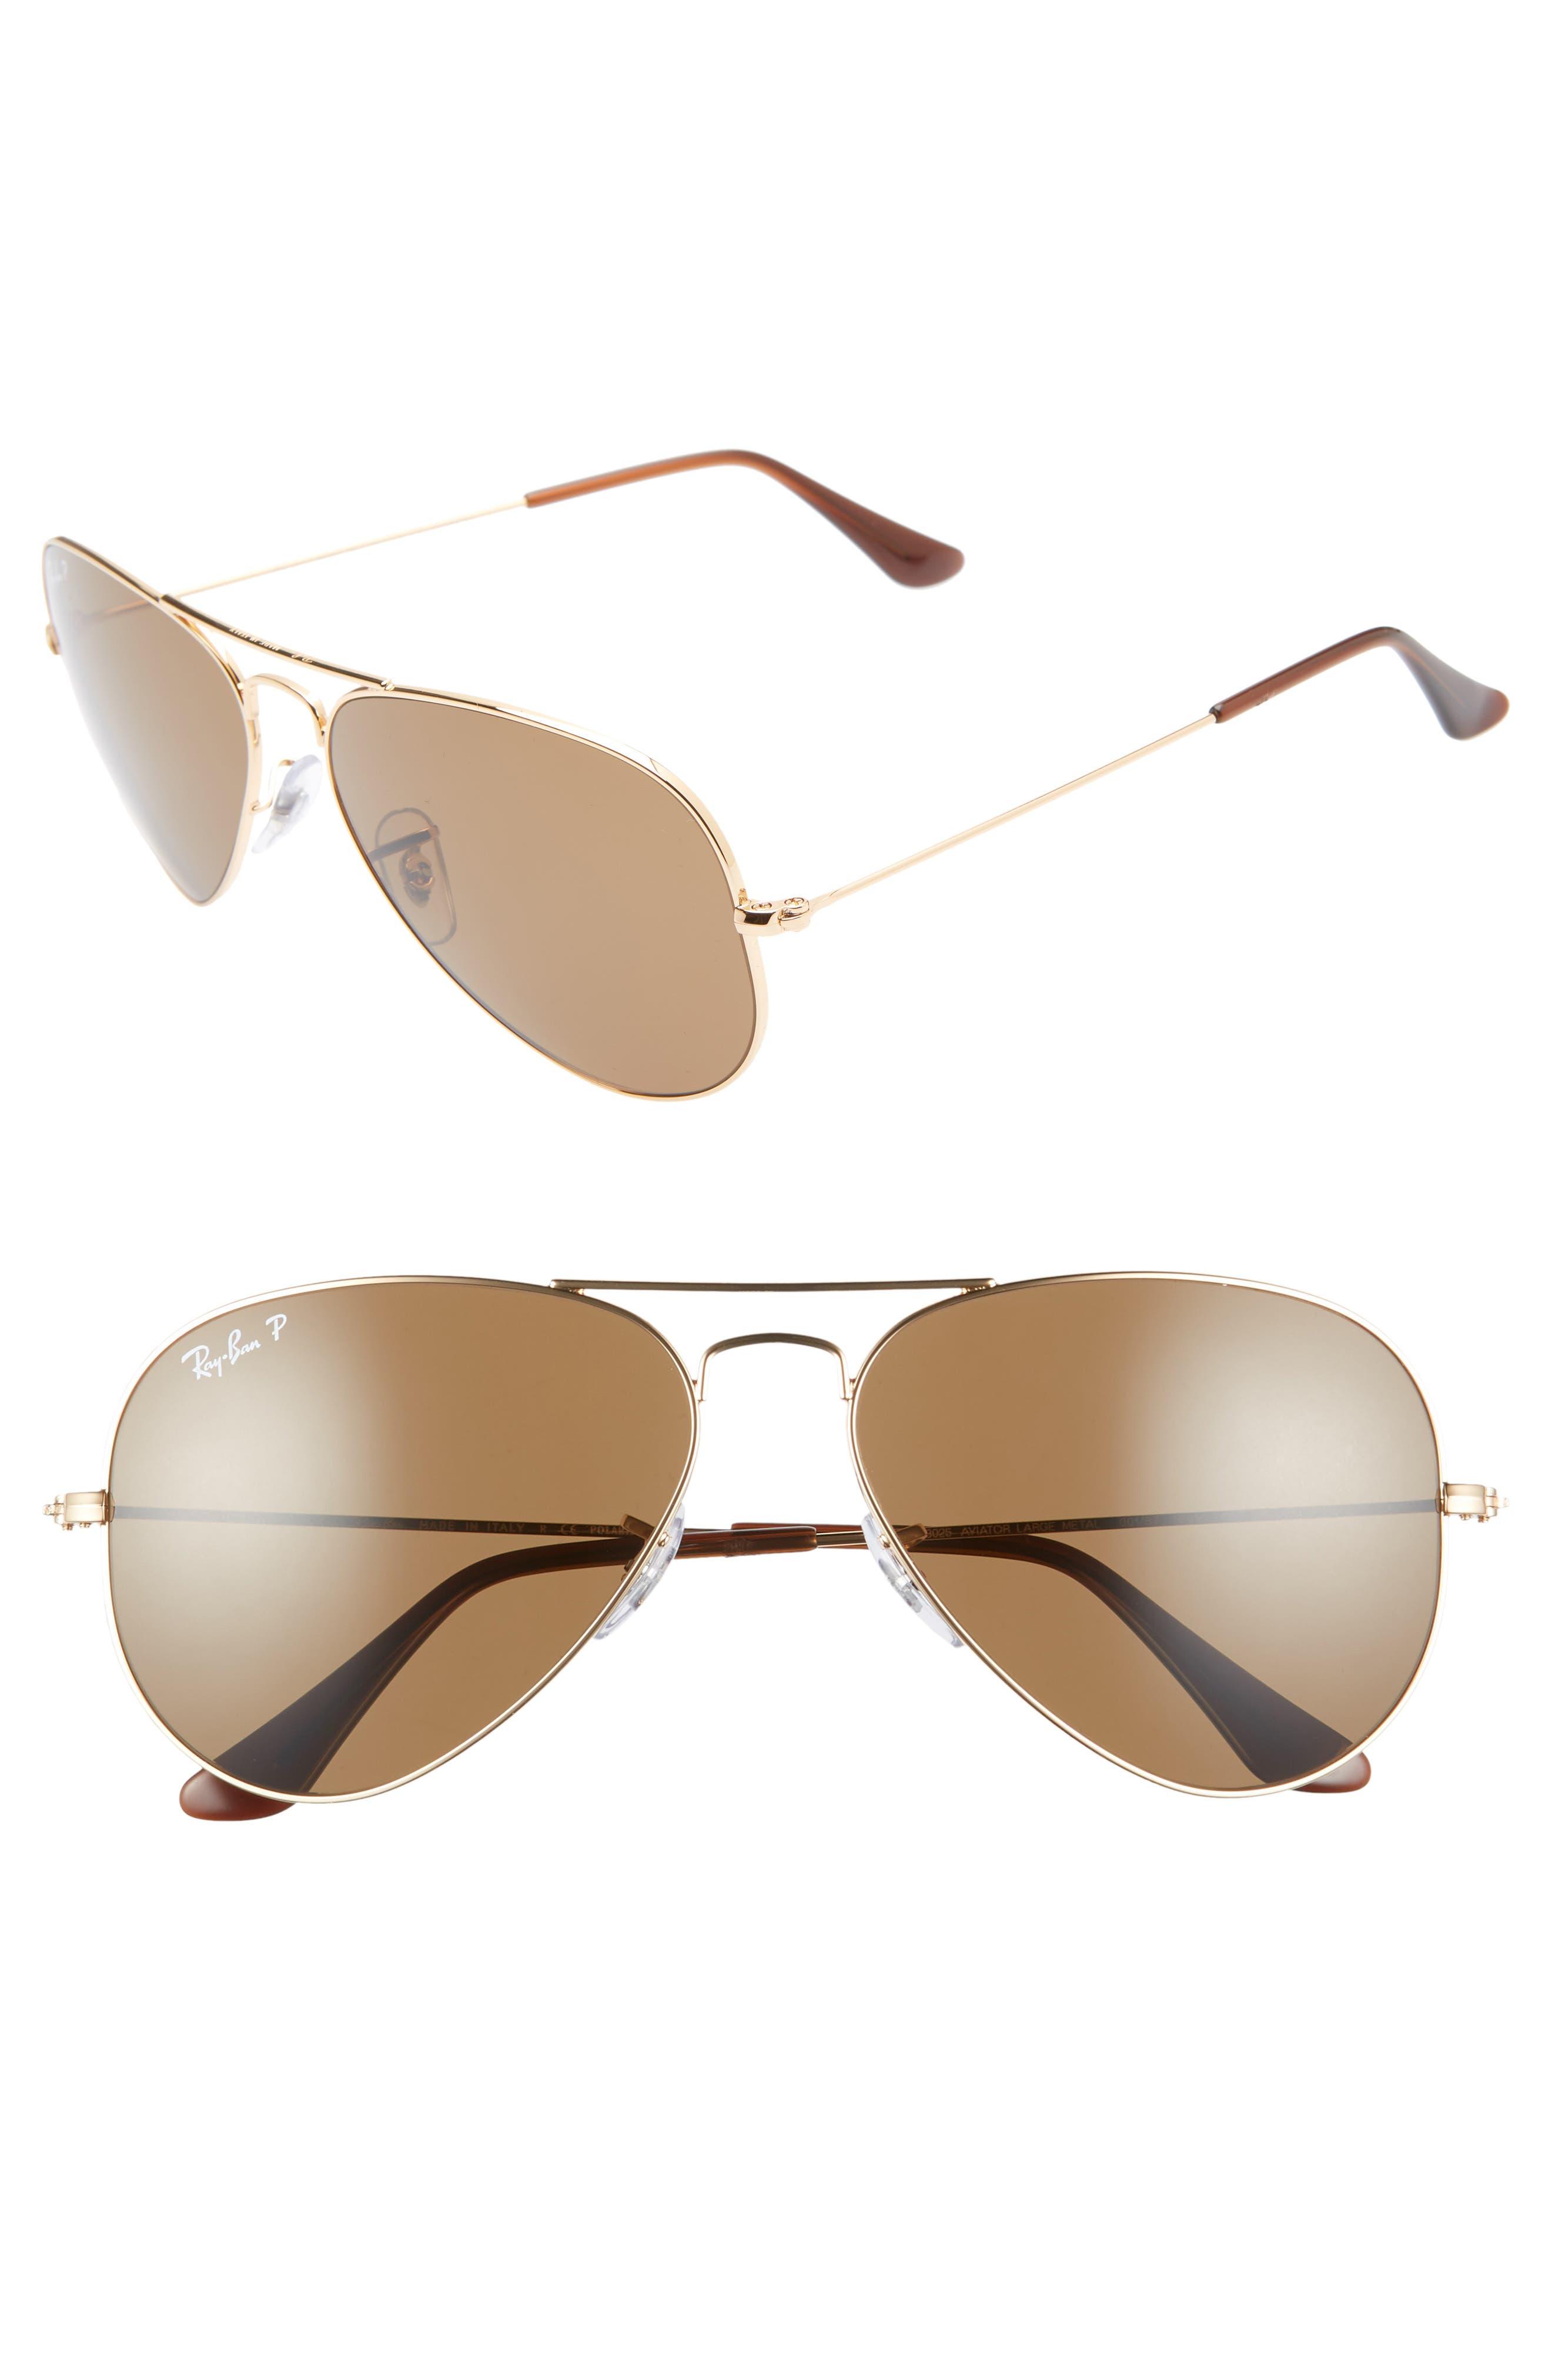 f5dda58e2e4cc Black Ray-Ban Aviator Sunglasses